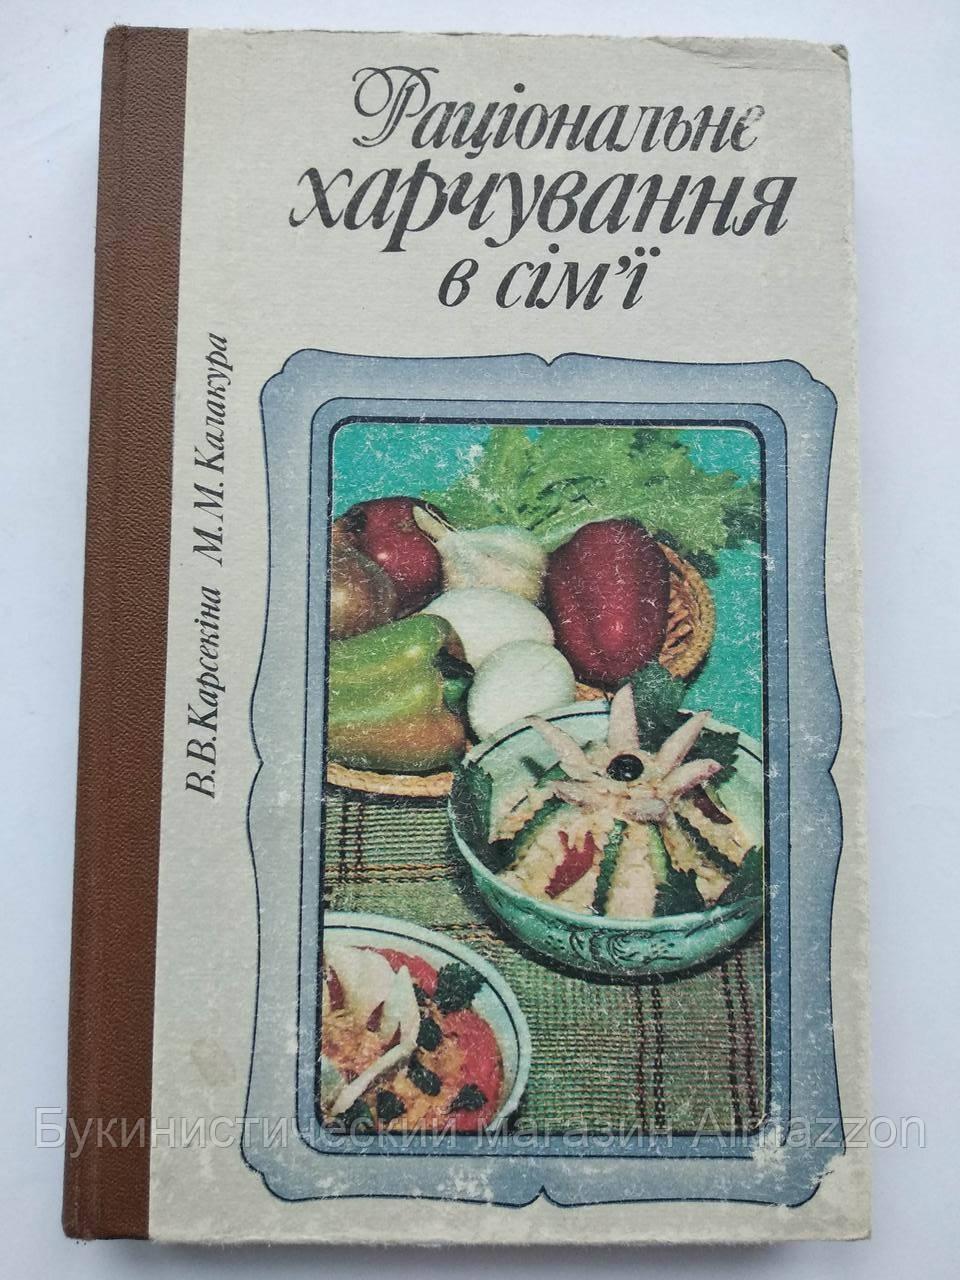 Раціональне харчування в сім'ї В.Карсекіна